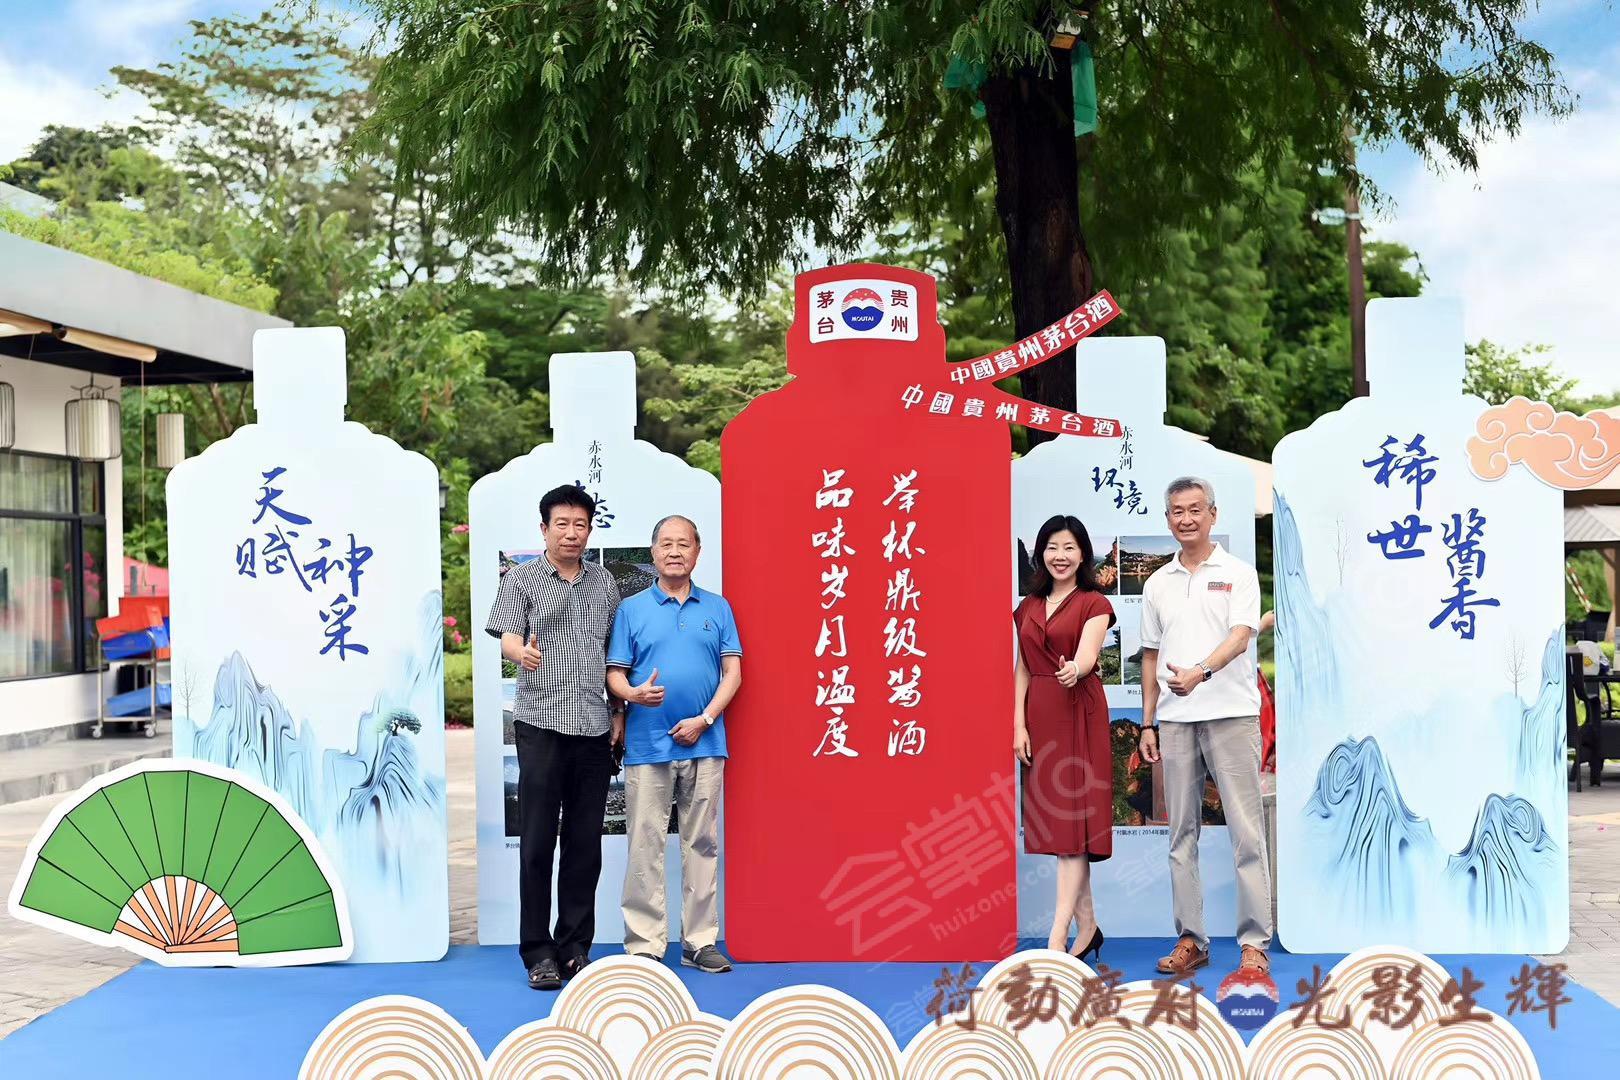 贵州酱酒文化体验馆动态:贵州酱酒文化体验馆近期活动丰富多彩,这里是美食,美景与美酒的